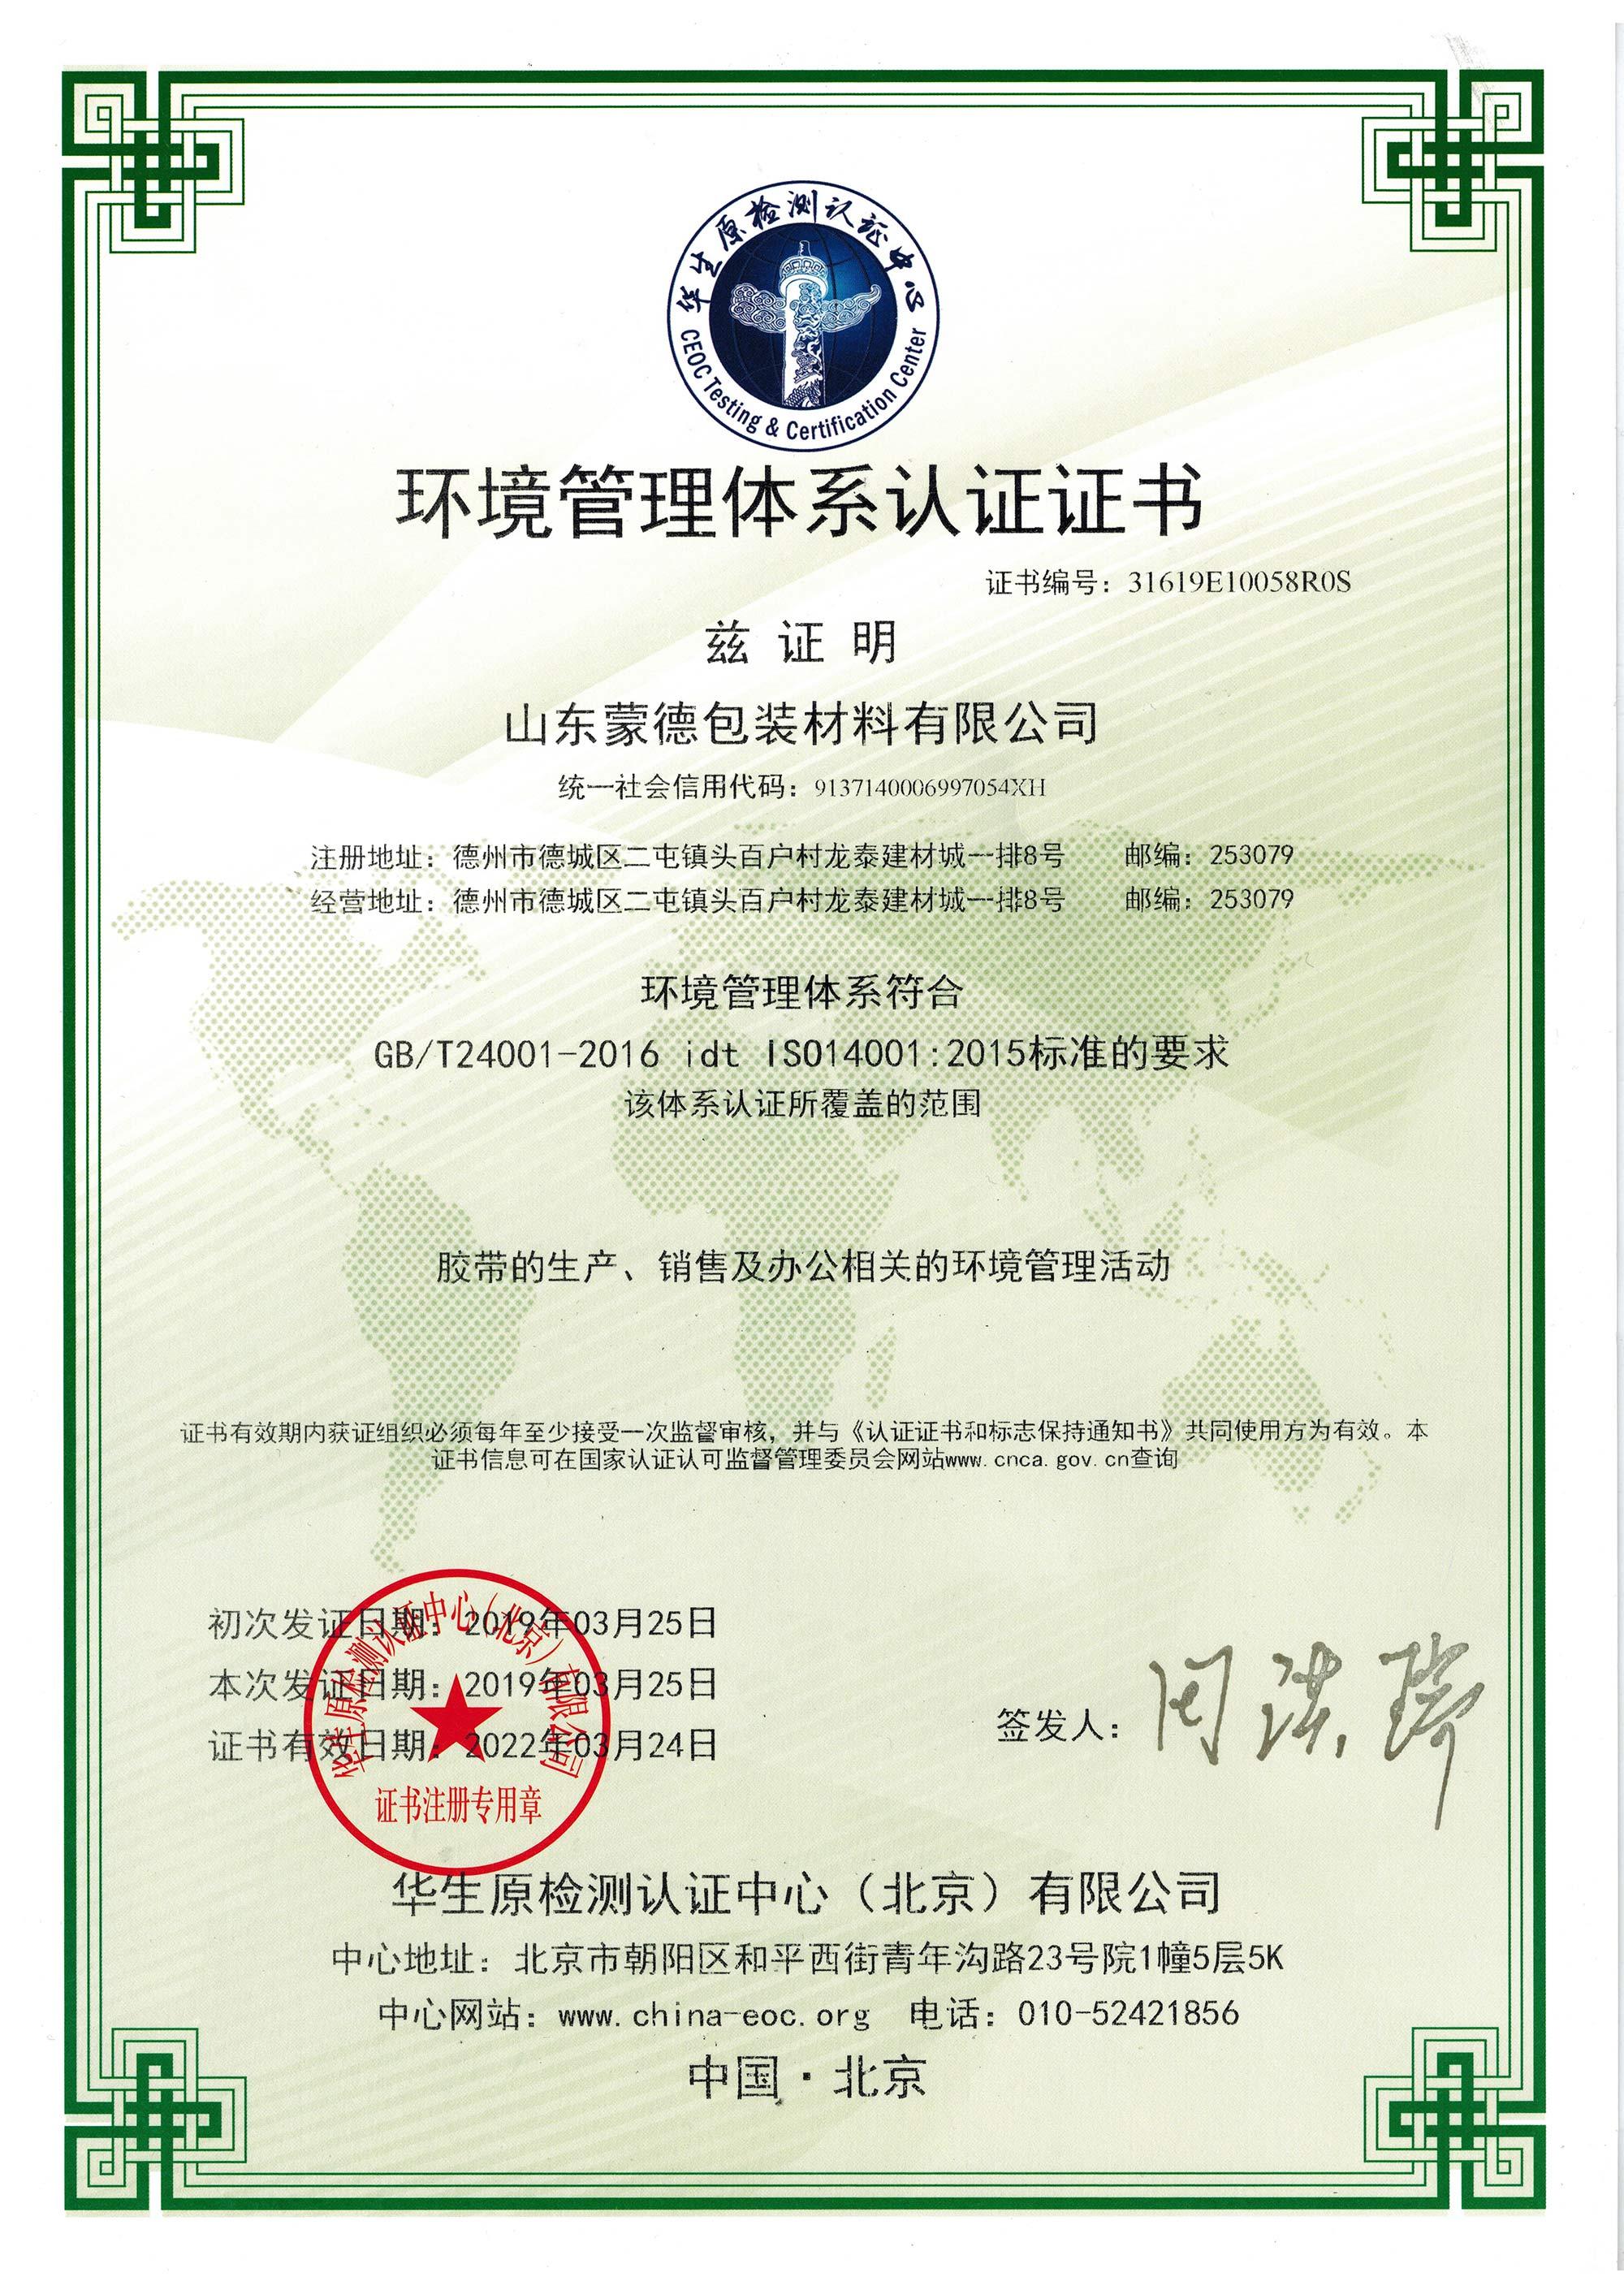 热烈庆祝蒙德胶带顺利取得ISO14001环境管理体认证证书